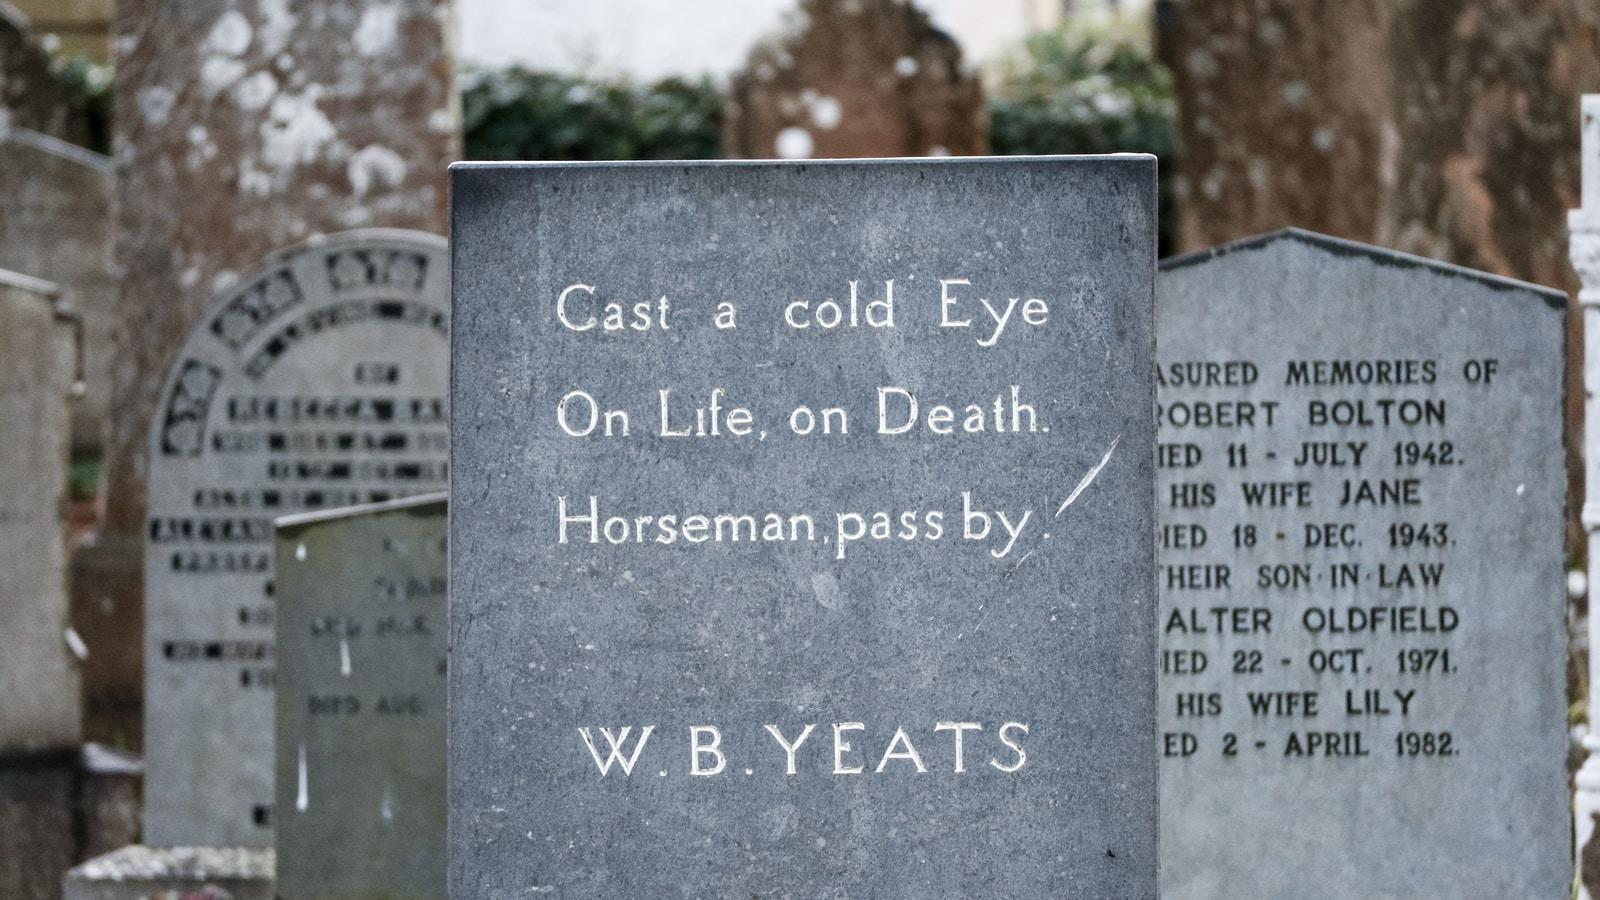 W.B. Yeats tombstone beside tombstones